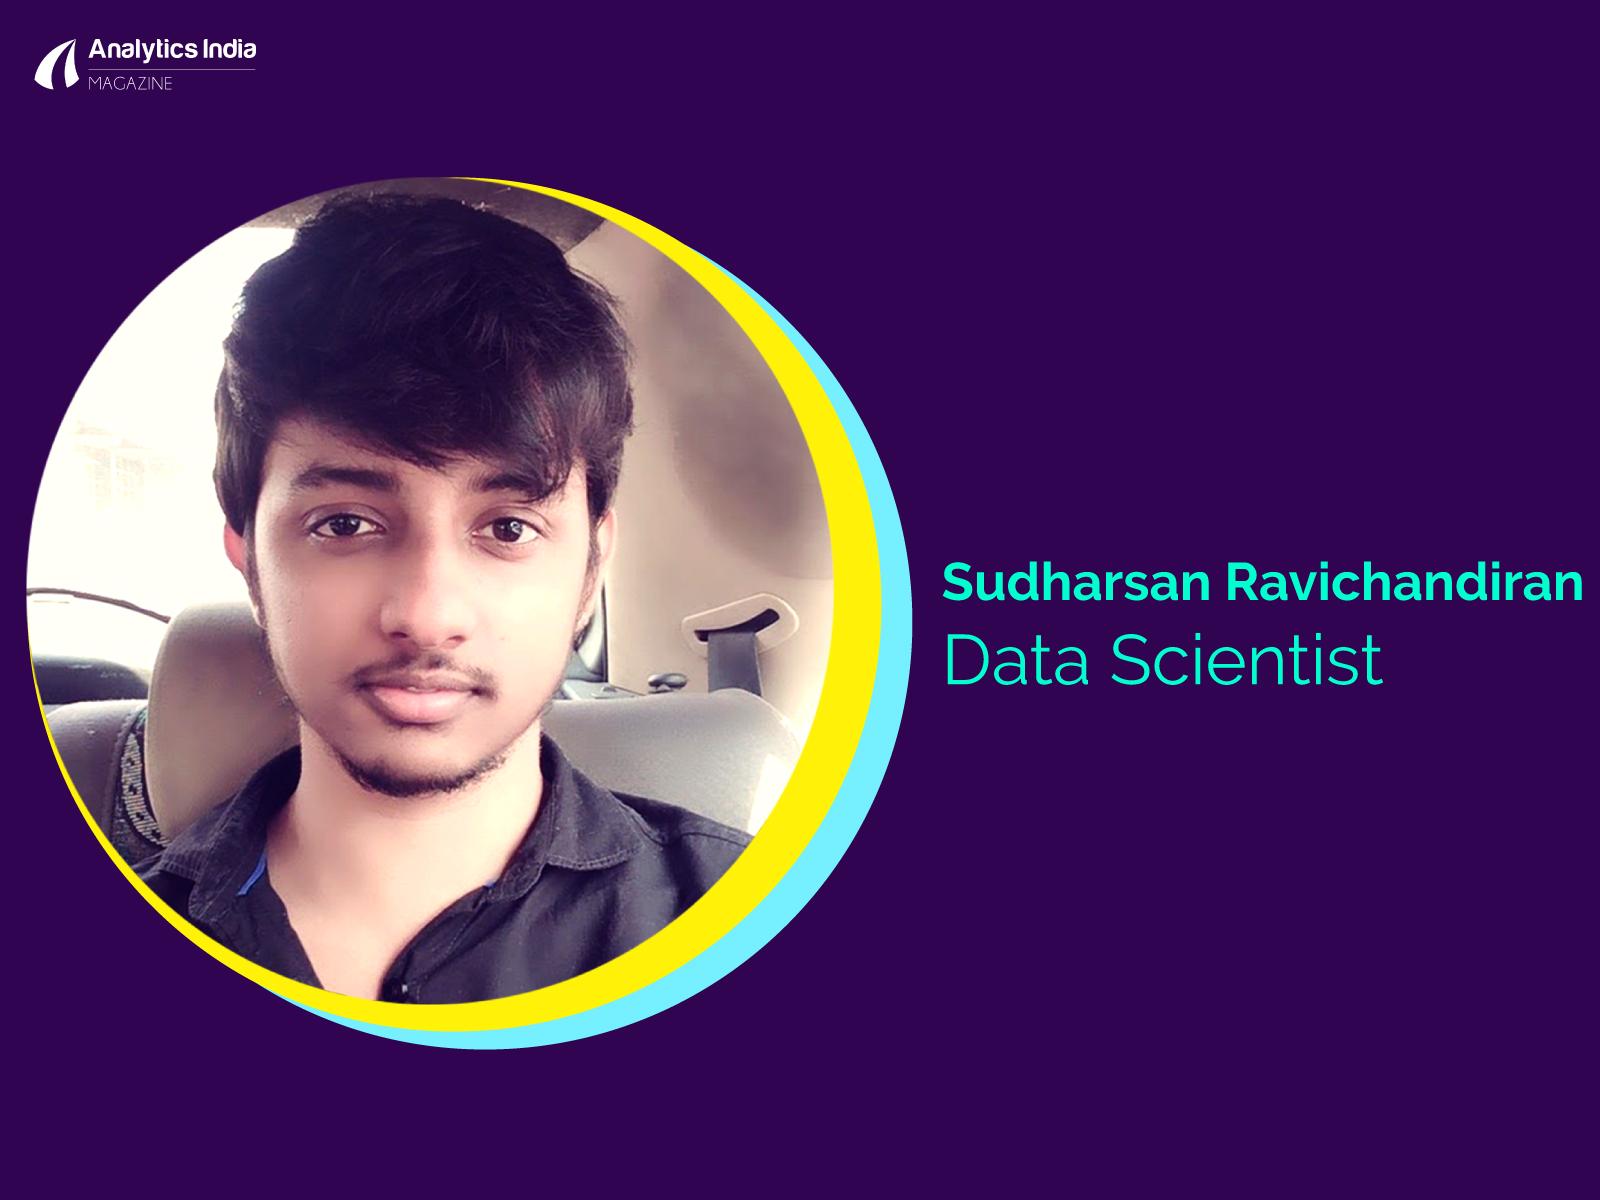 Sudharshan Ravichandiran, Data Scientist at Param.ai